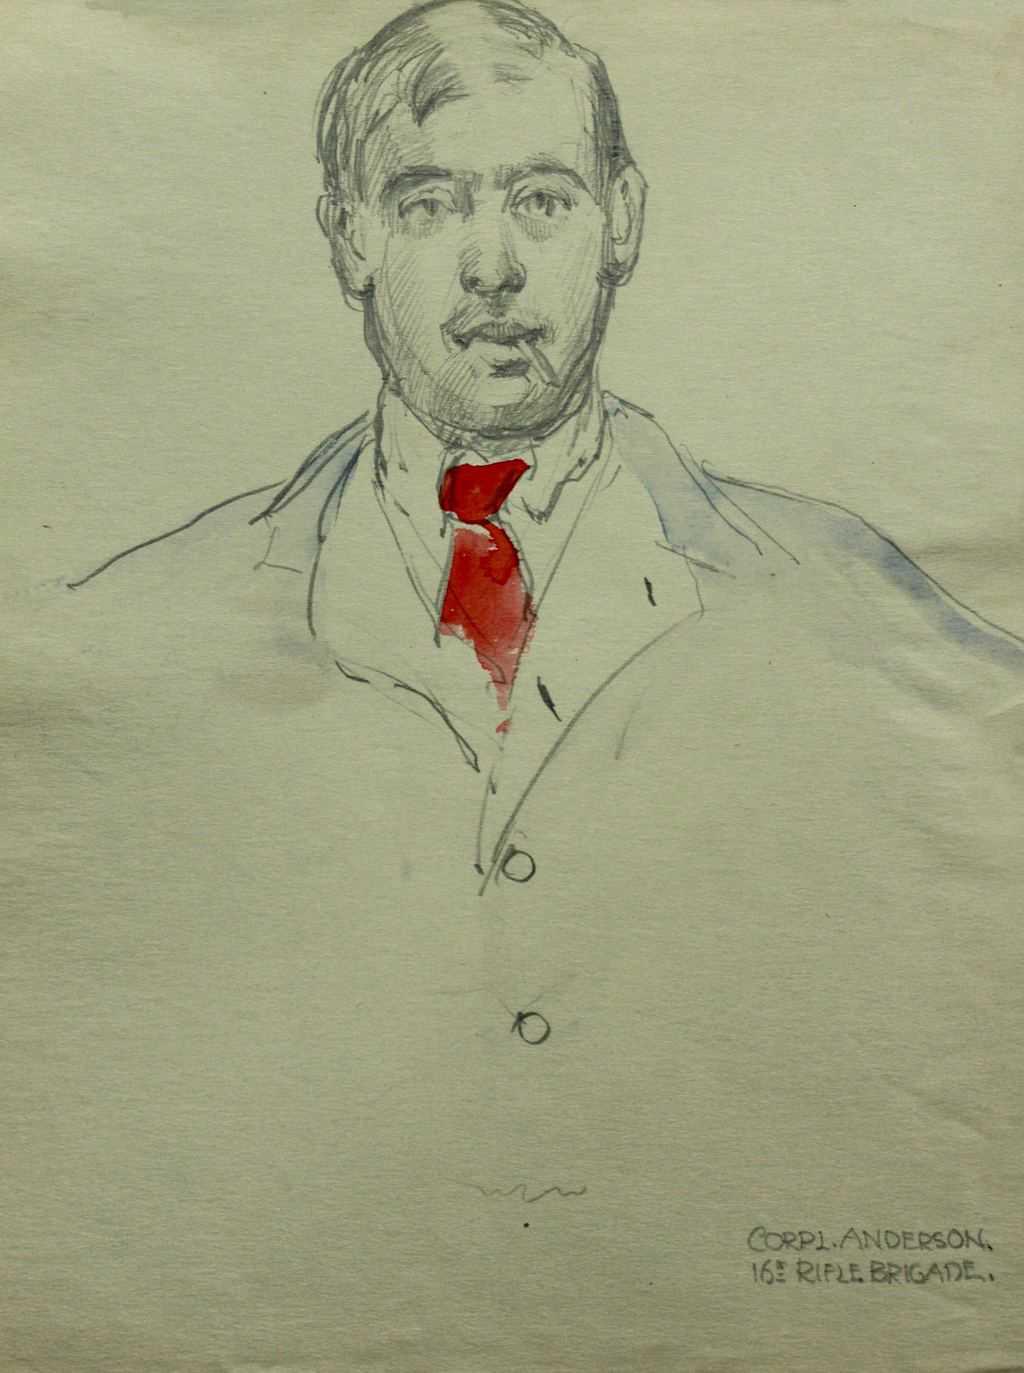 Sketch of Corporal Anderson 16th Rifle Brigade